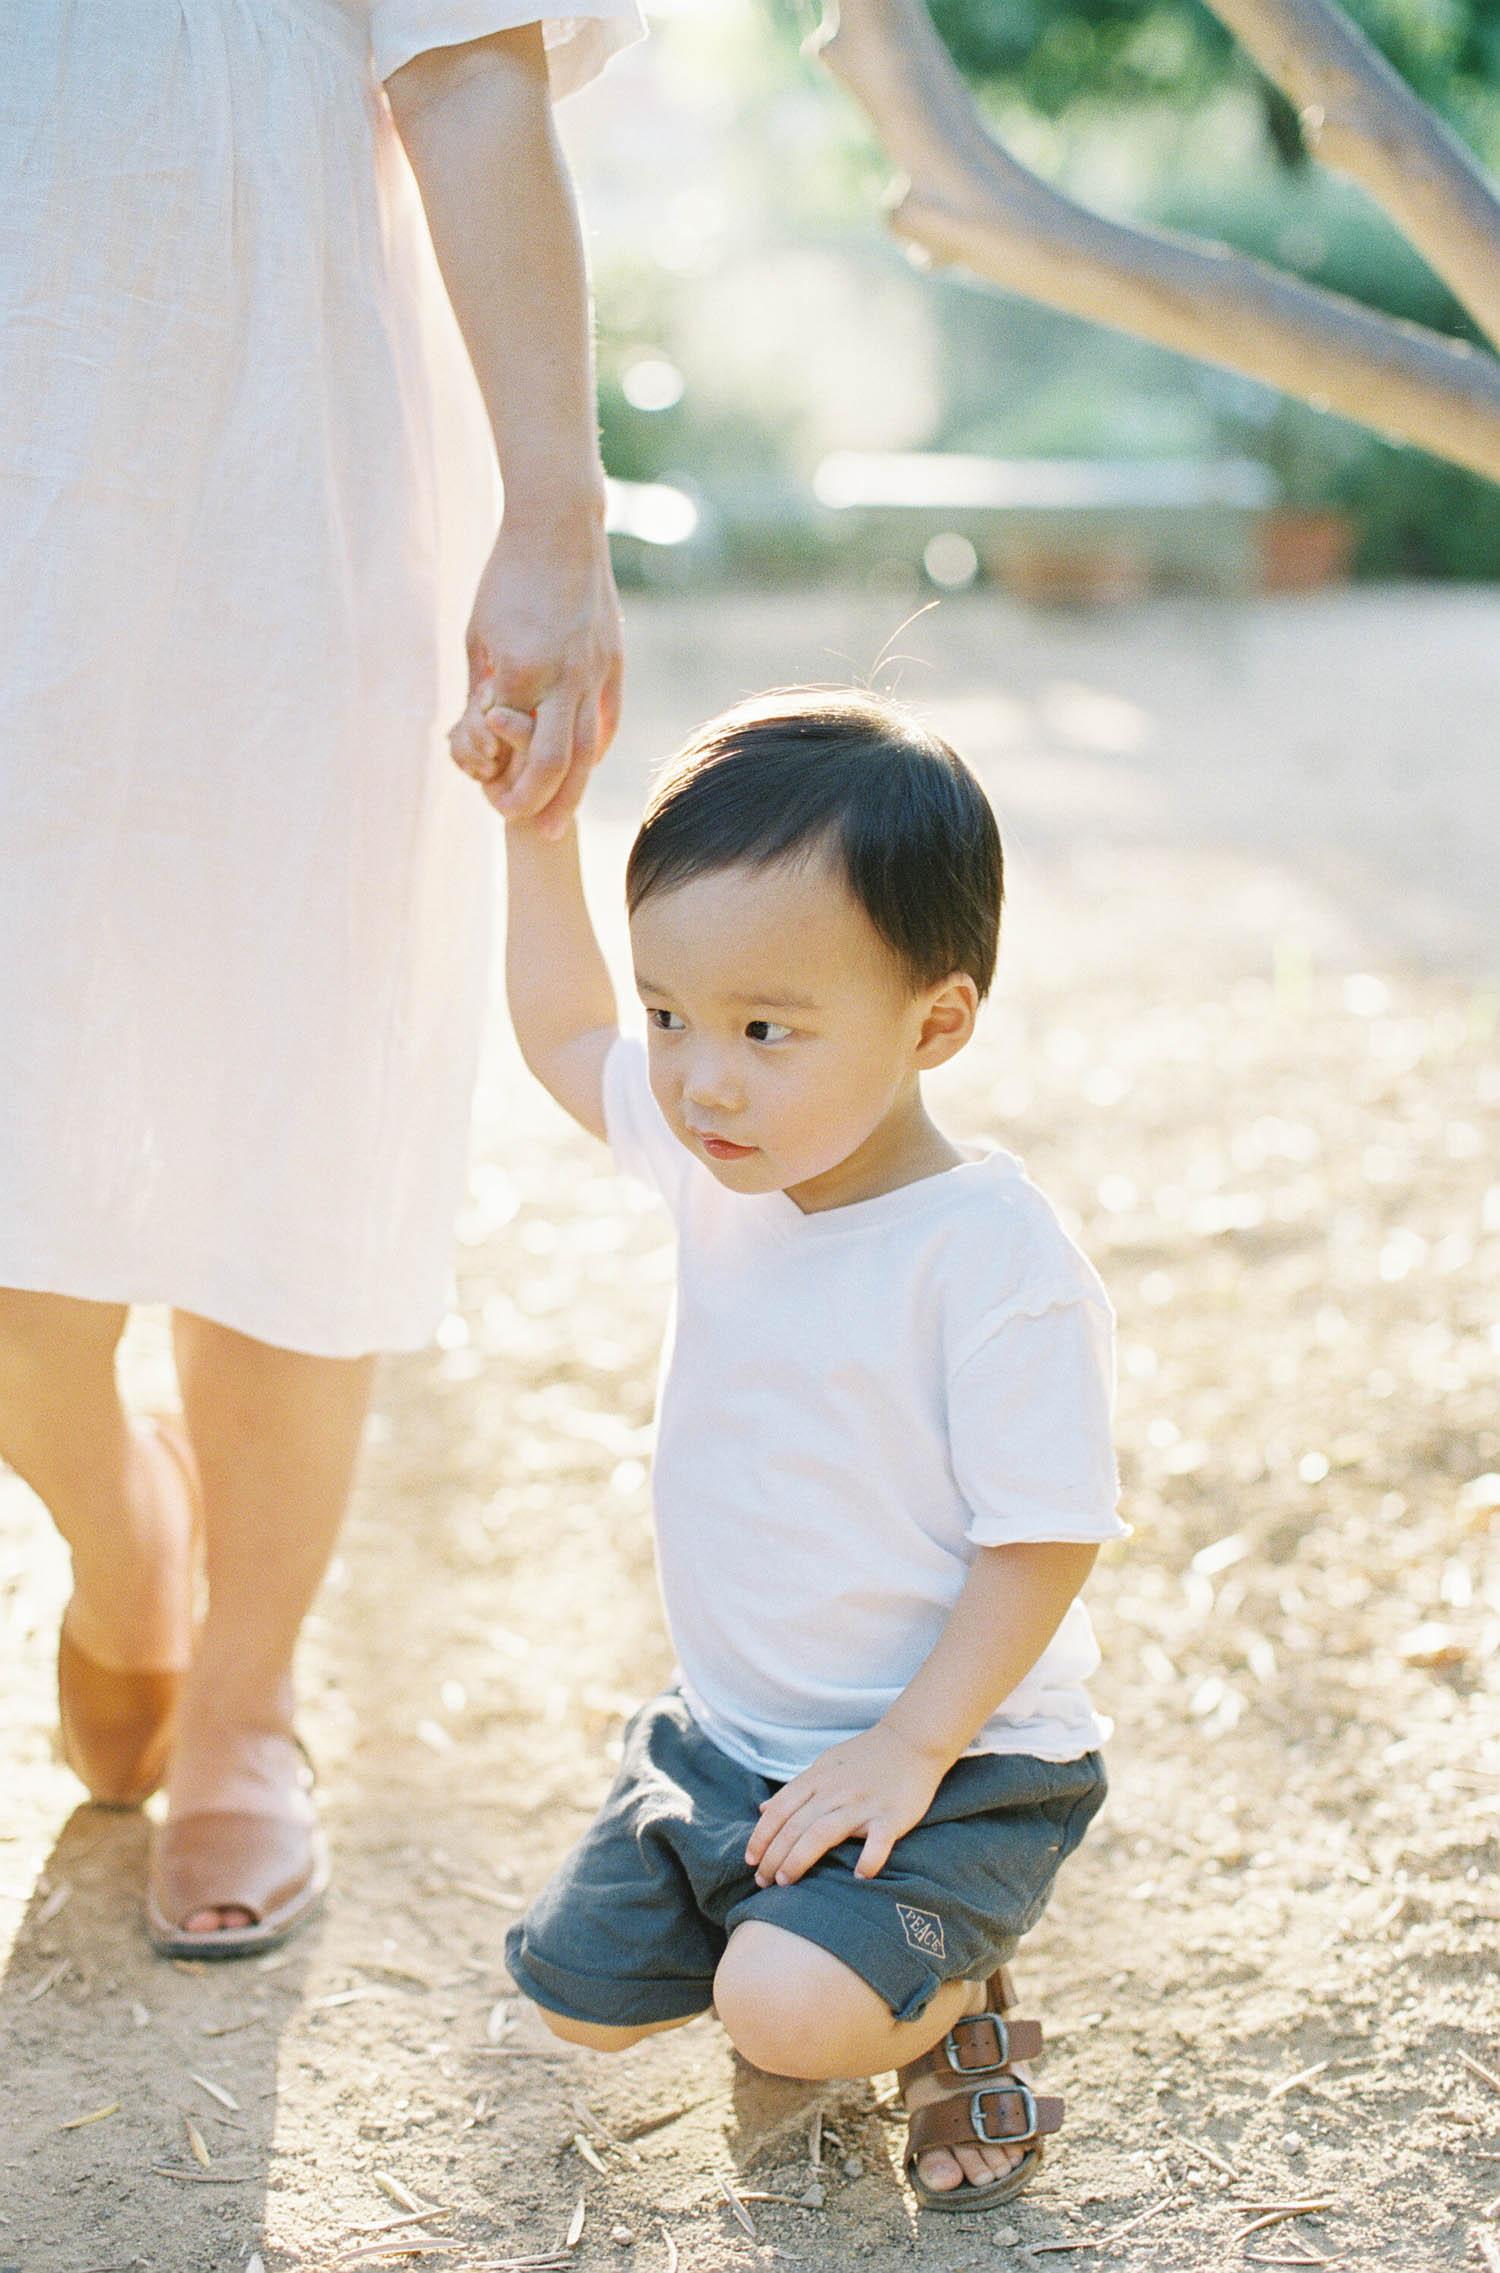 Heng-WR-96-Jen_Huang-006833-R1-015.jpg